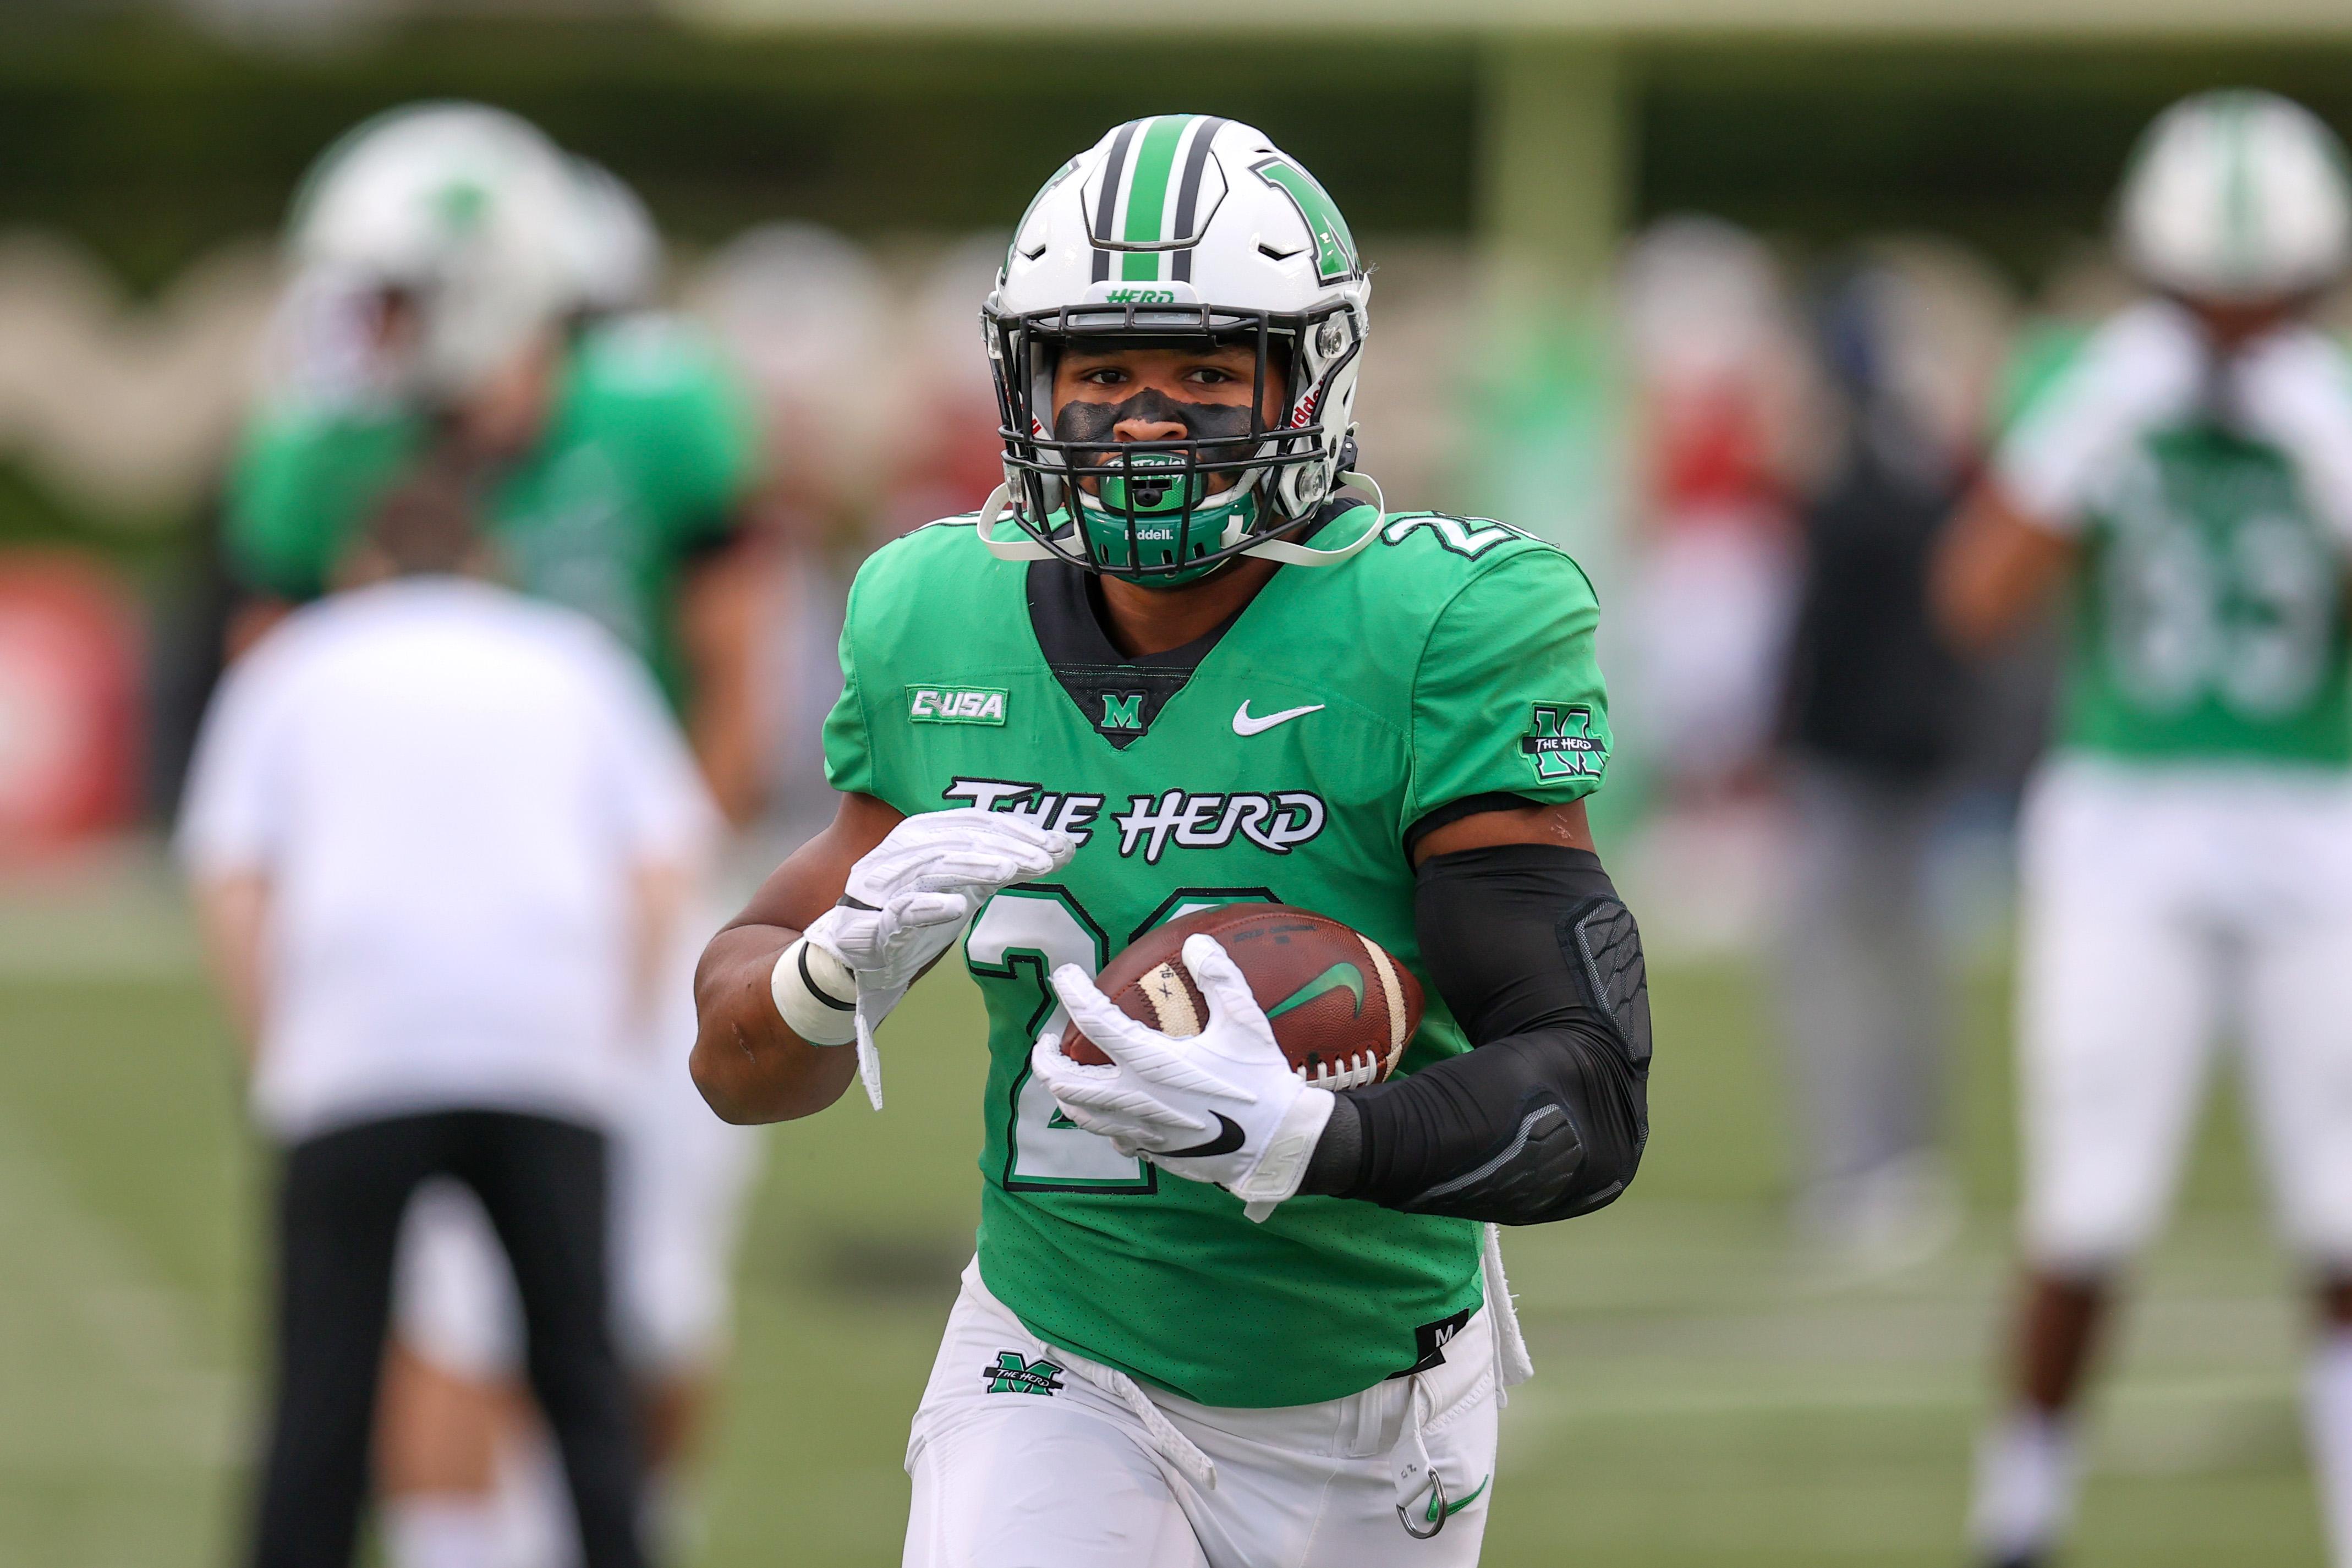 2020年10月24日,在佛罗里达大西洋猫头鹰队和马歇尔迅雷队之间的大学橄榄球比赛前的热身中,马歇尔迅雷队跑锋Brenden Knox(20)。